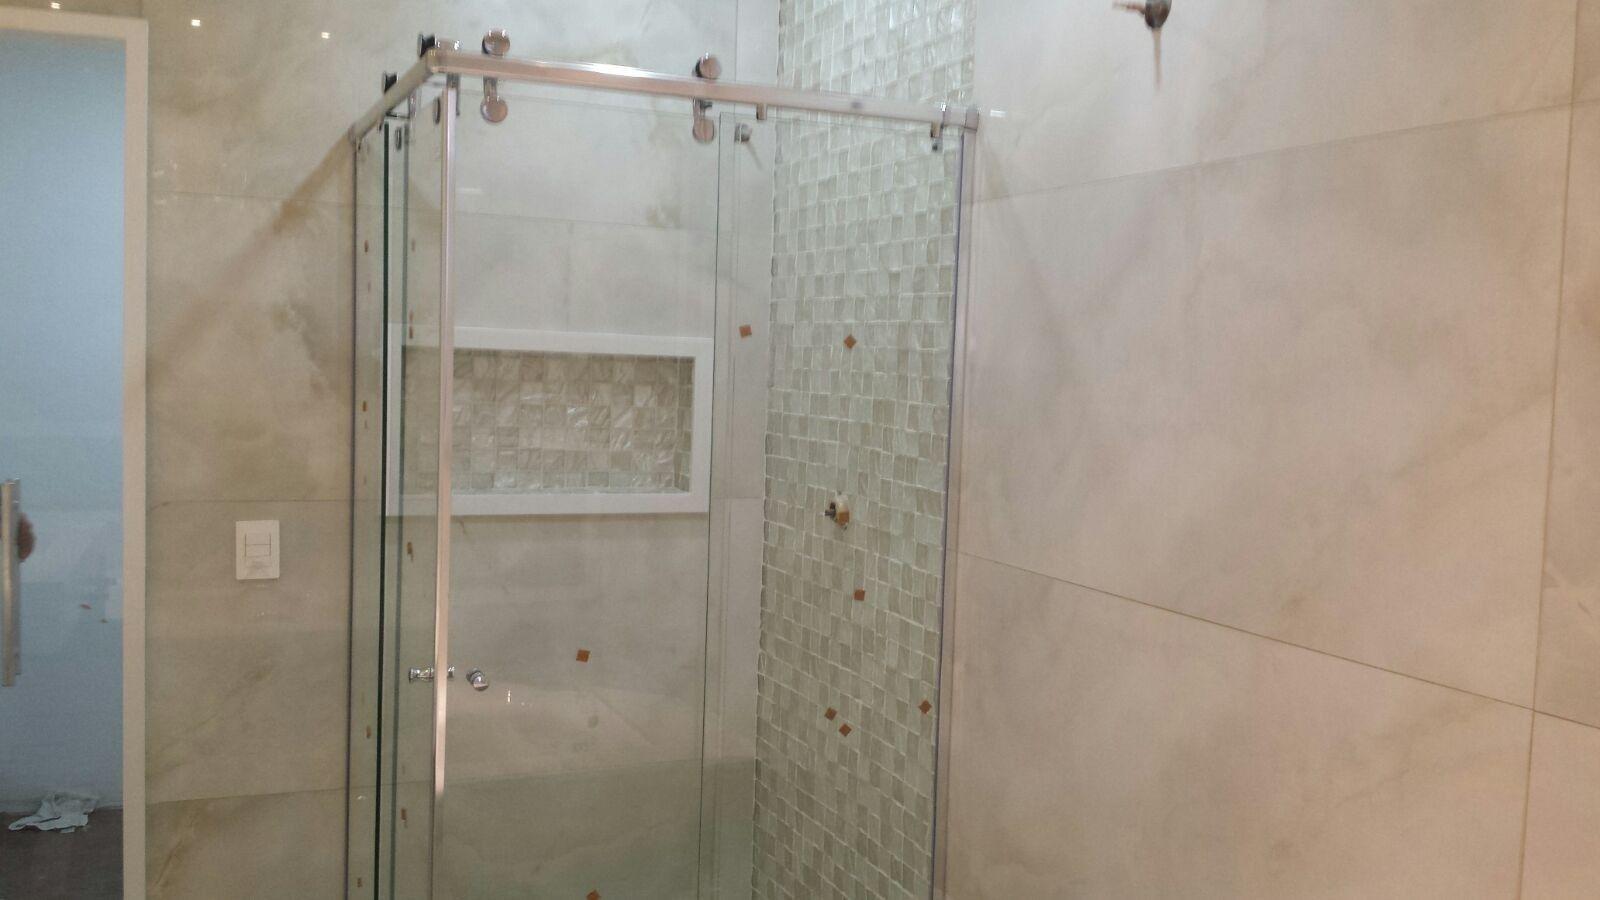 Quais Os Preços de Box Banheiro em Santana - Box Banheiro Preço